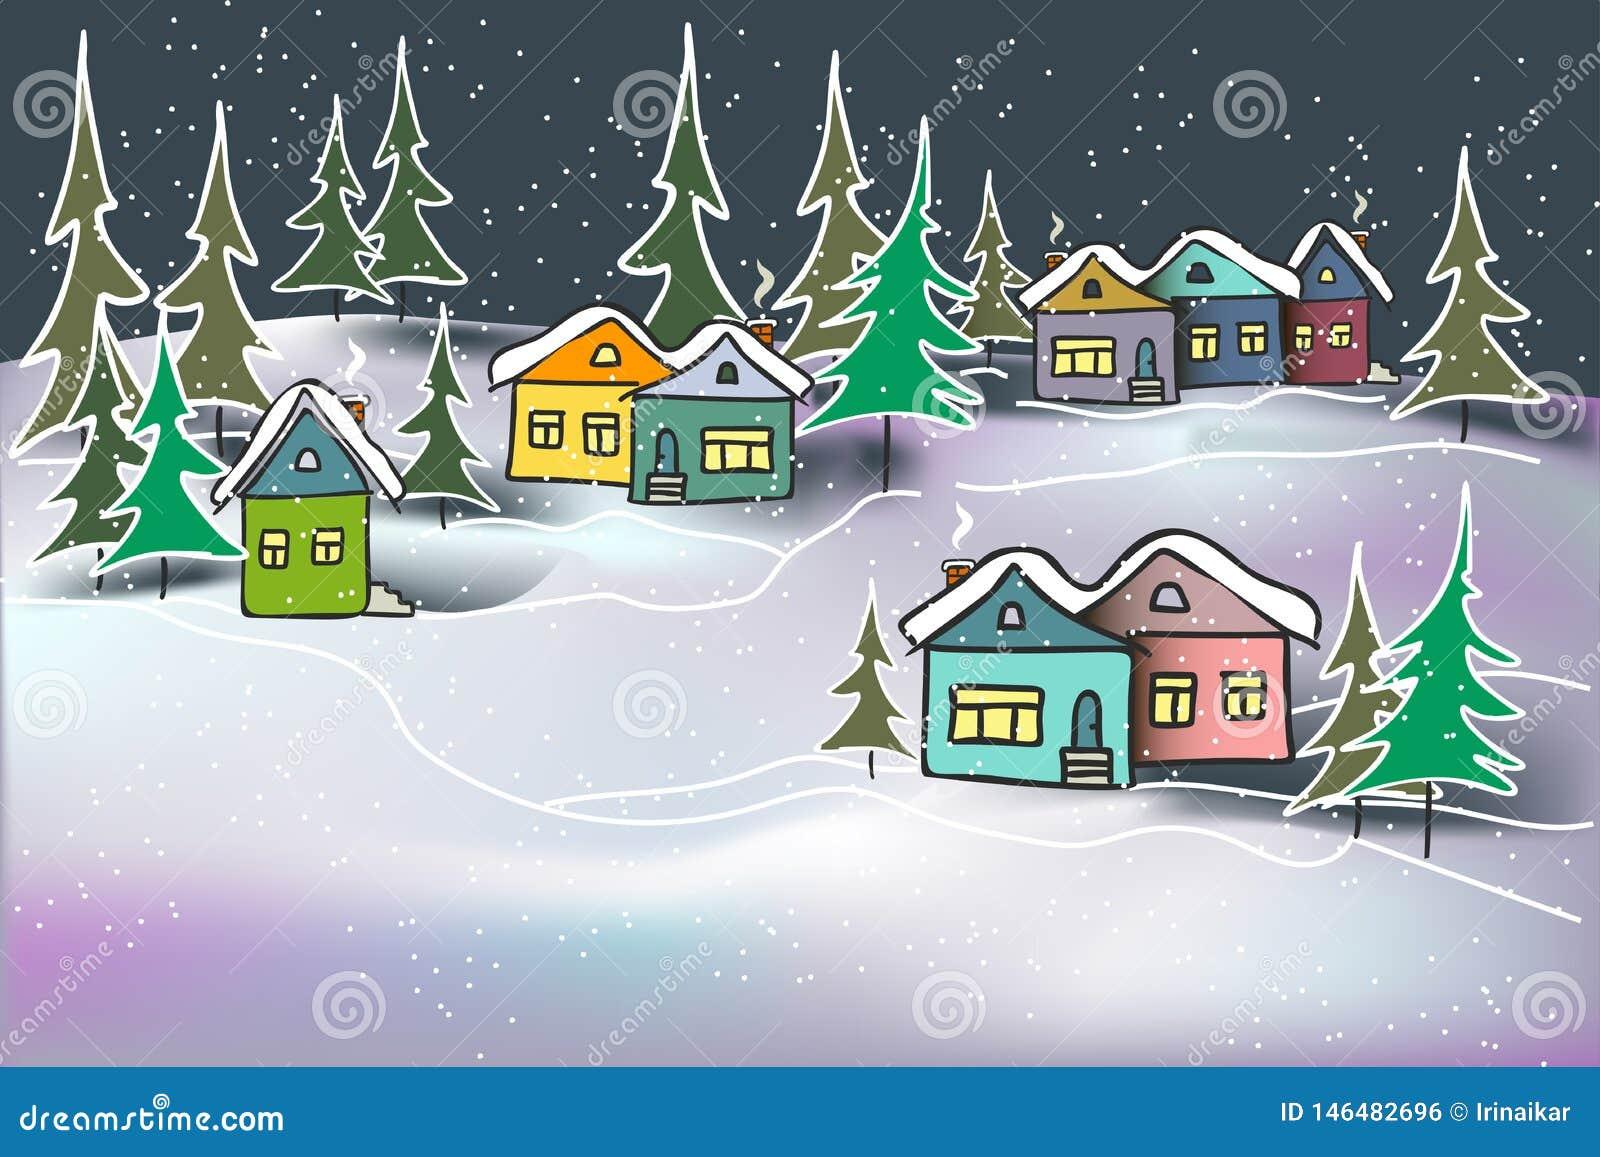 Τα χαριτωμένα άνετα σπίτια και τα έλατα καραμέλας χειμερινών τοπίων νύχτας πολύχρωμα στο χιόνι παρασύρουν